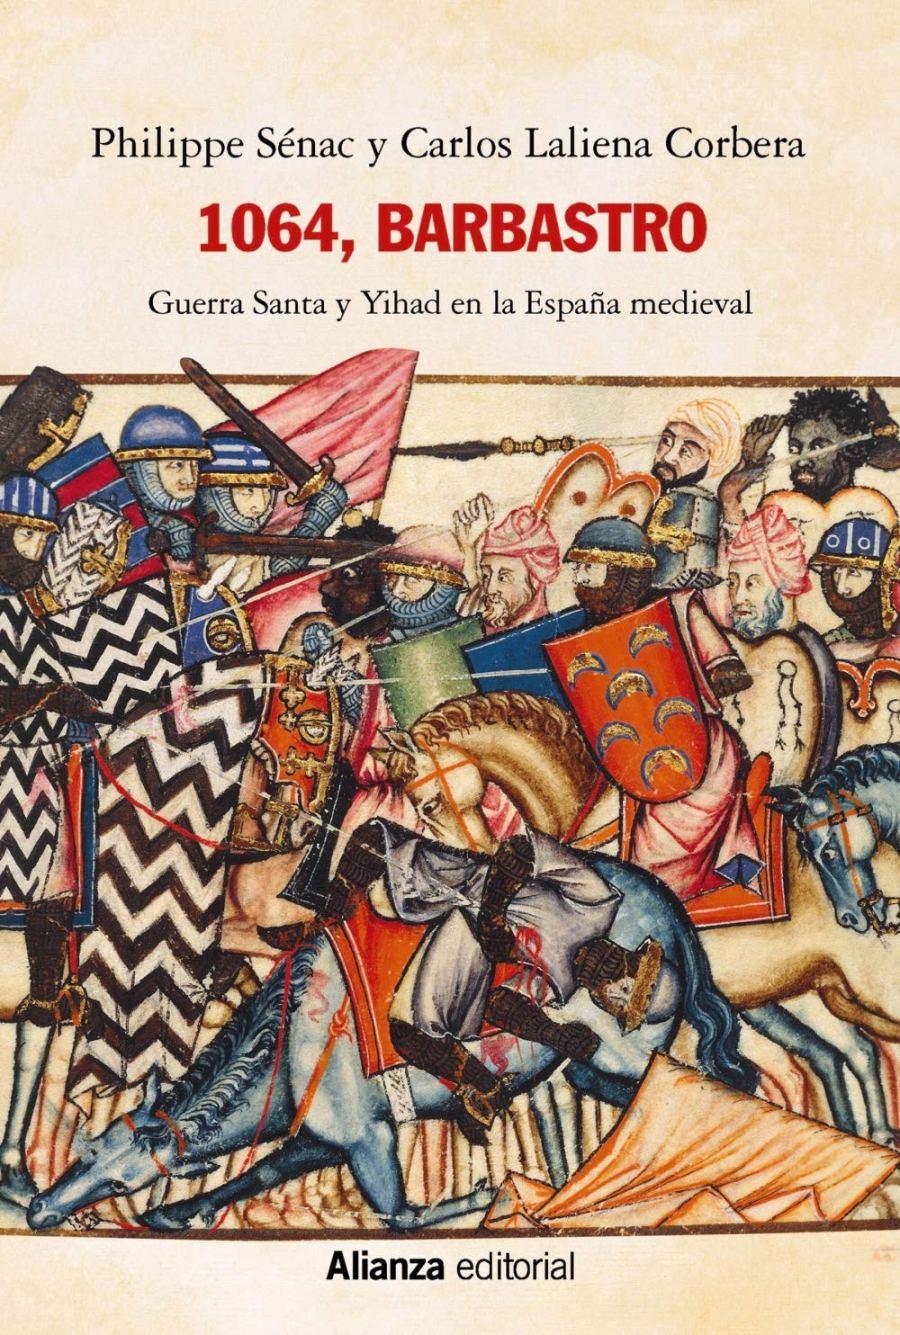 1064, Barbastro. Guerra santa y yihad en la España medieval Book Cover